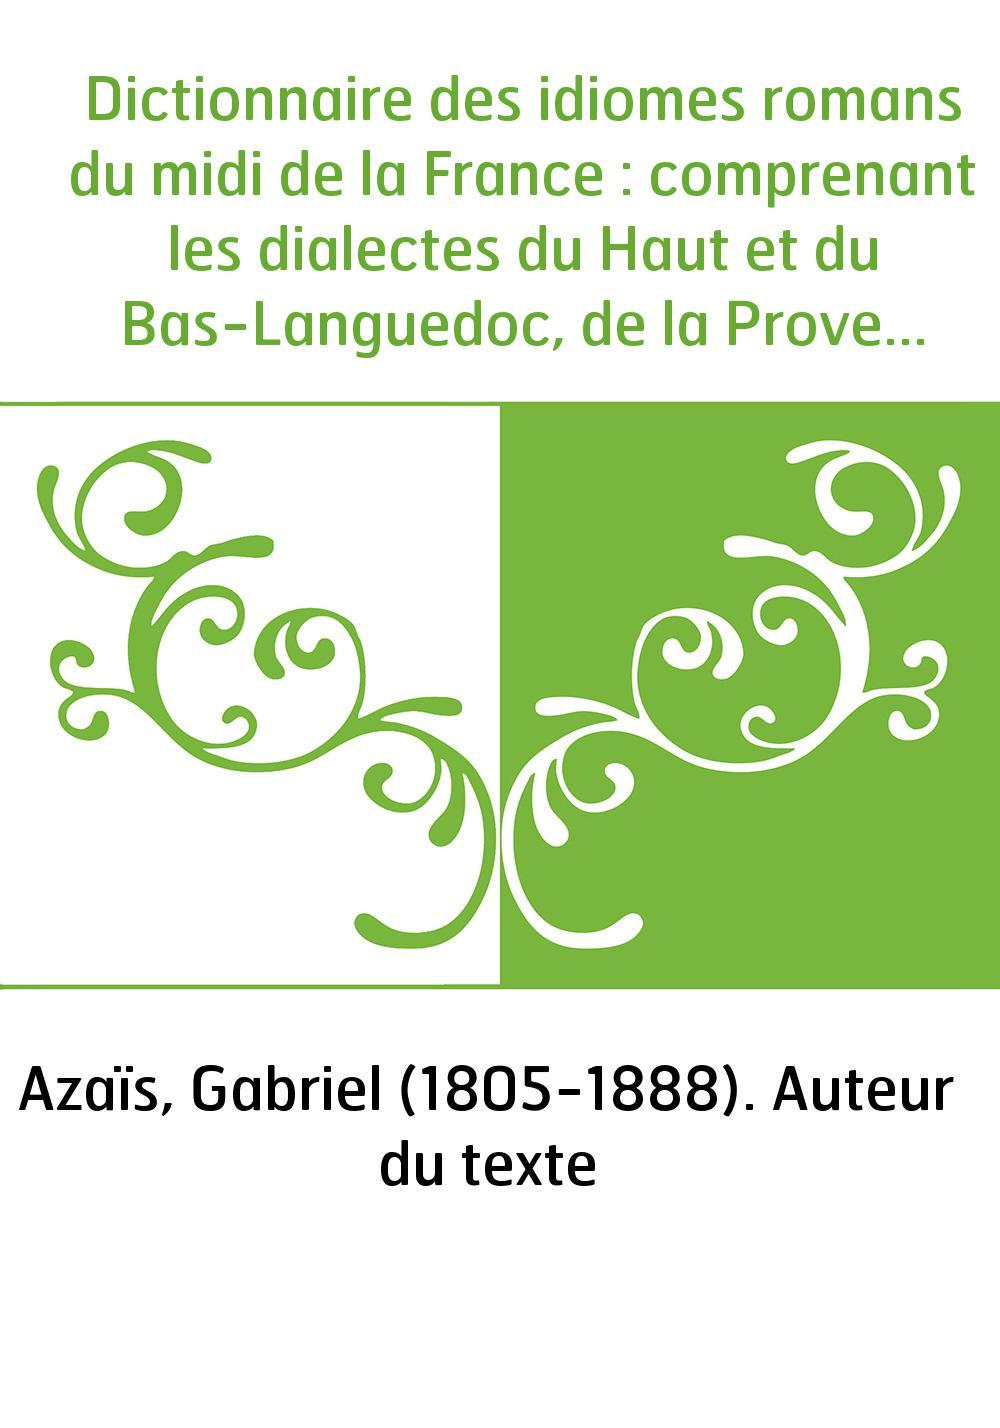 Dictionnaire des idiomes romans du midi de la France : comprenant les dialectes du Haut et du Bas-Languedoc, de la Provence, de